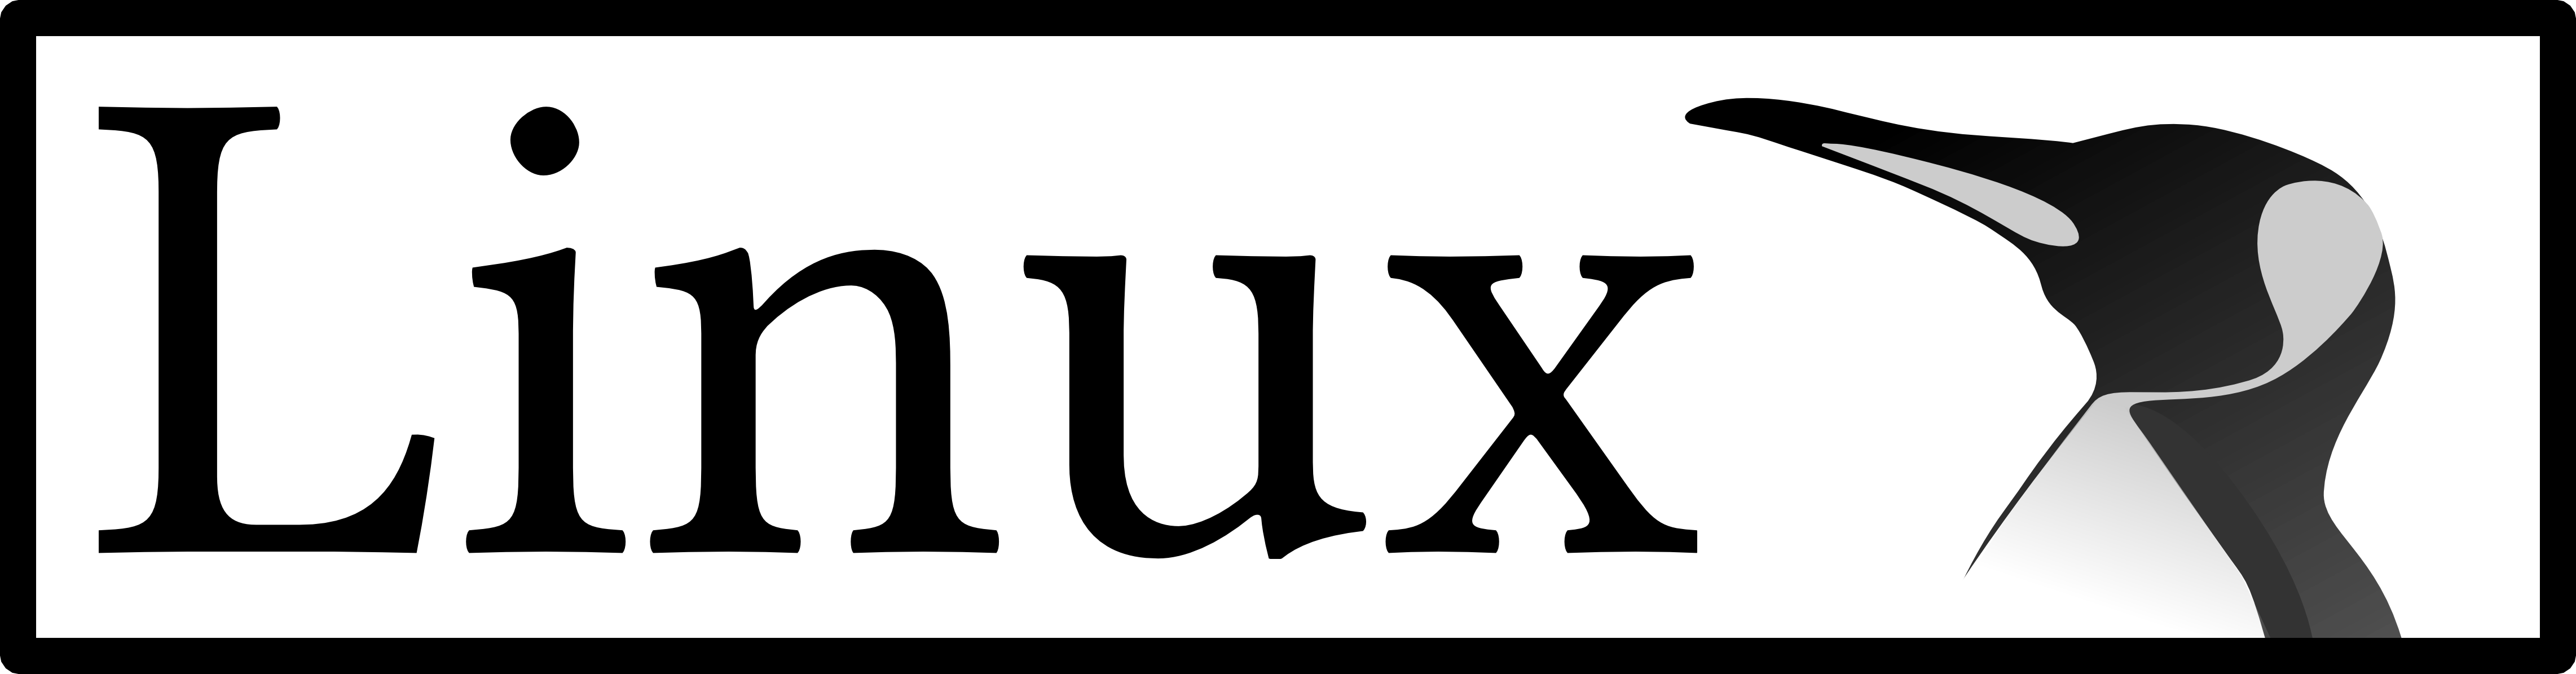 tux__linux__logo_block_bw_by_berradev-d7pys3t